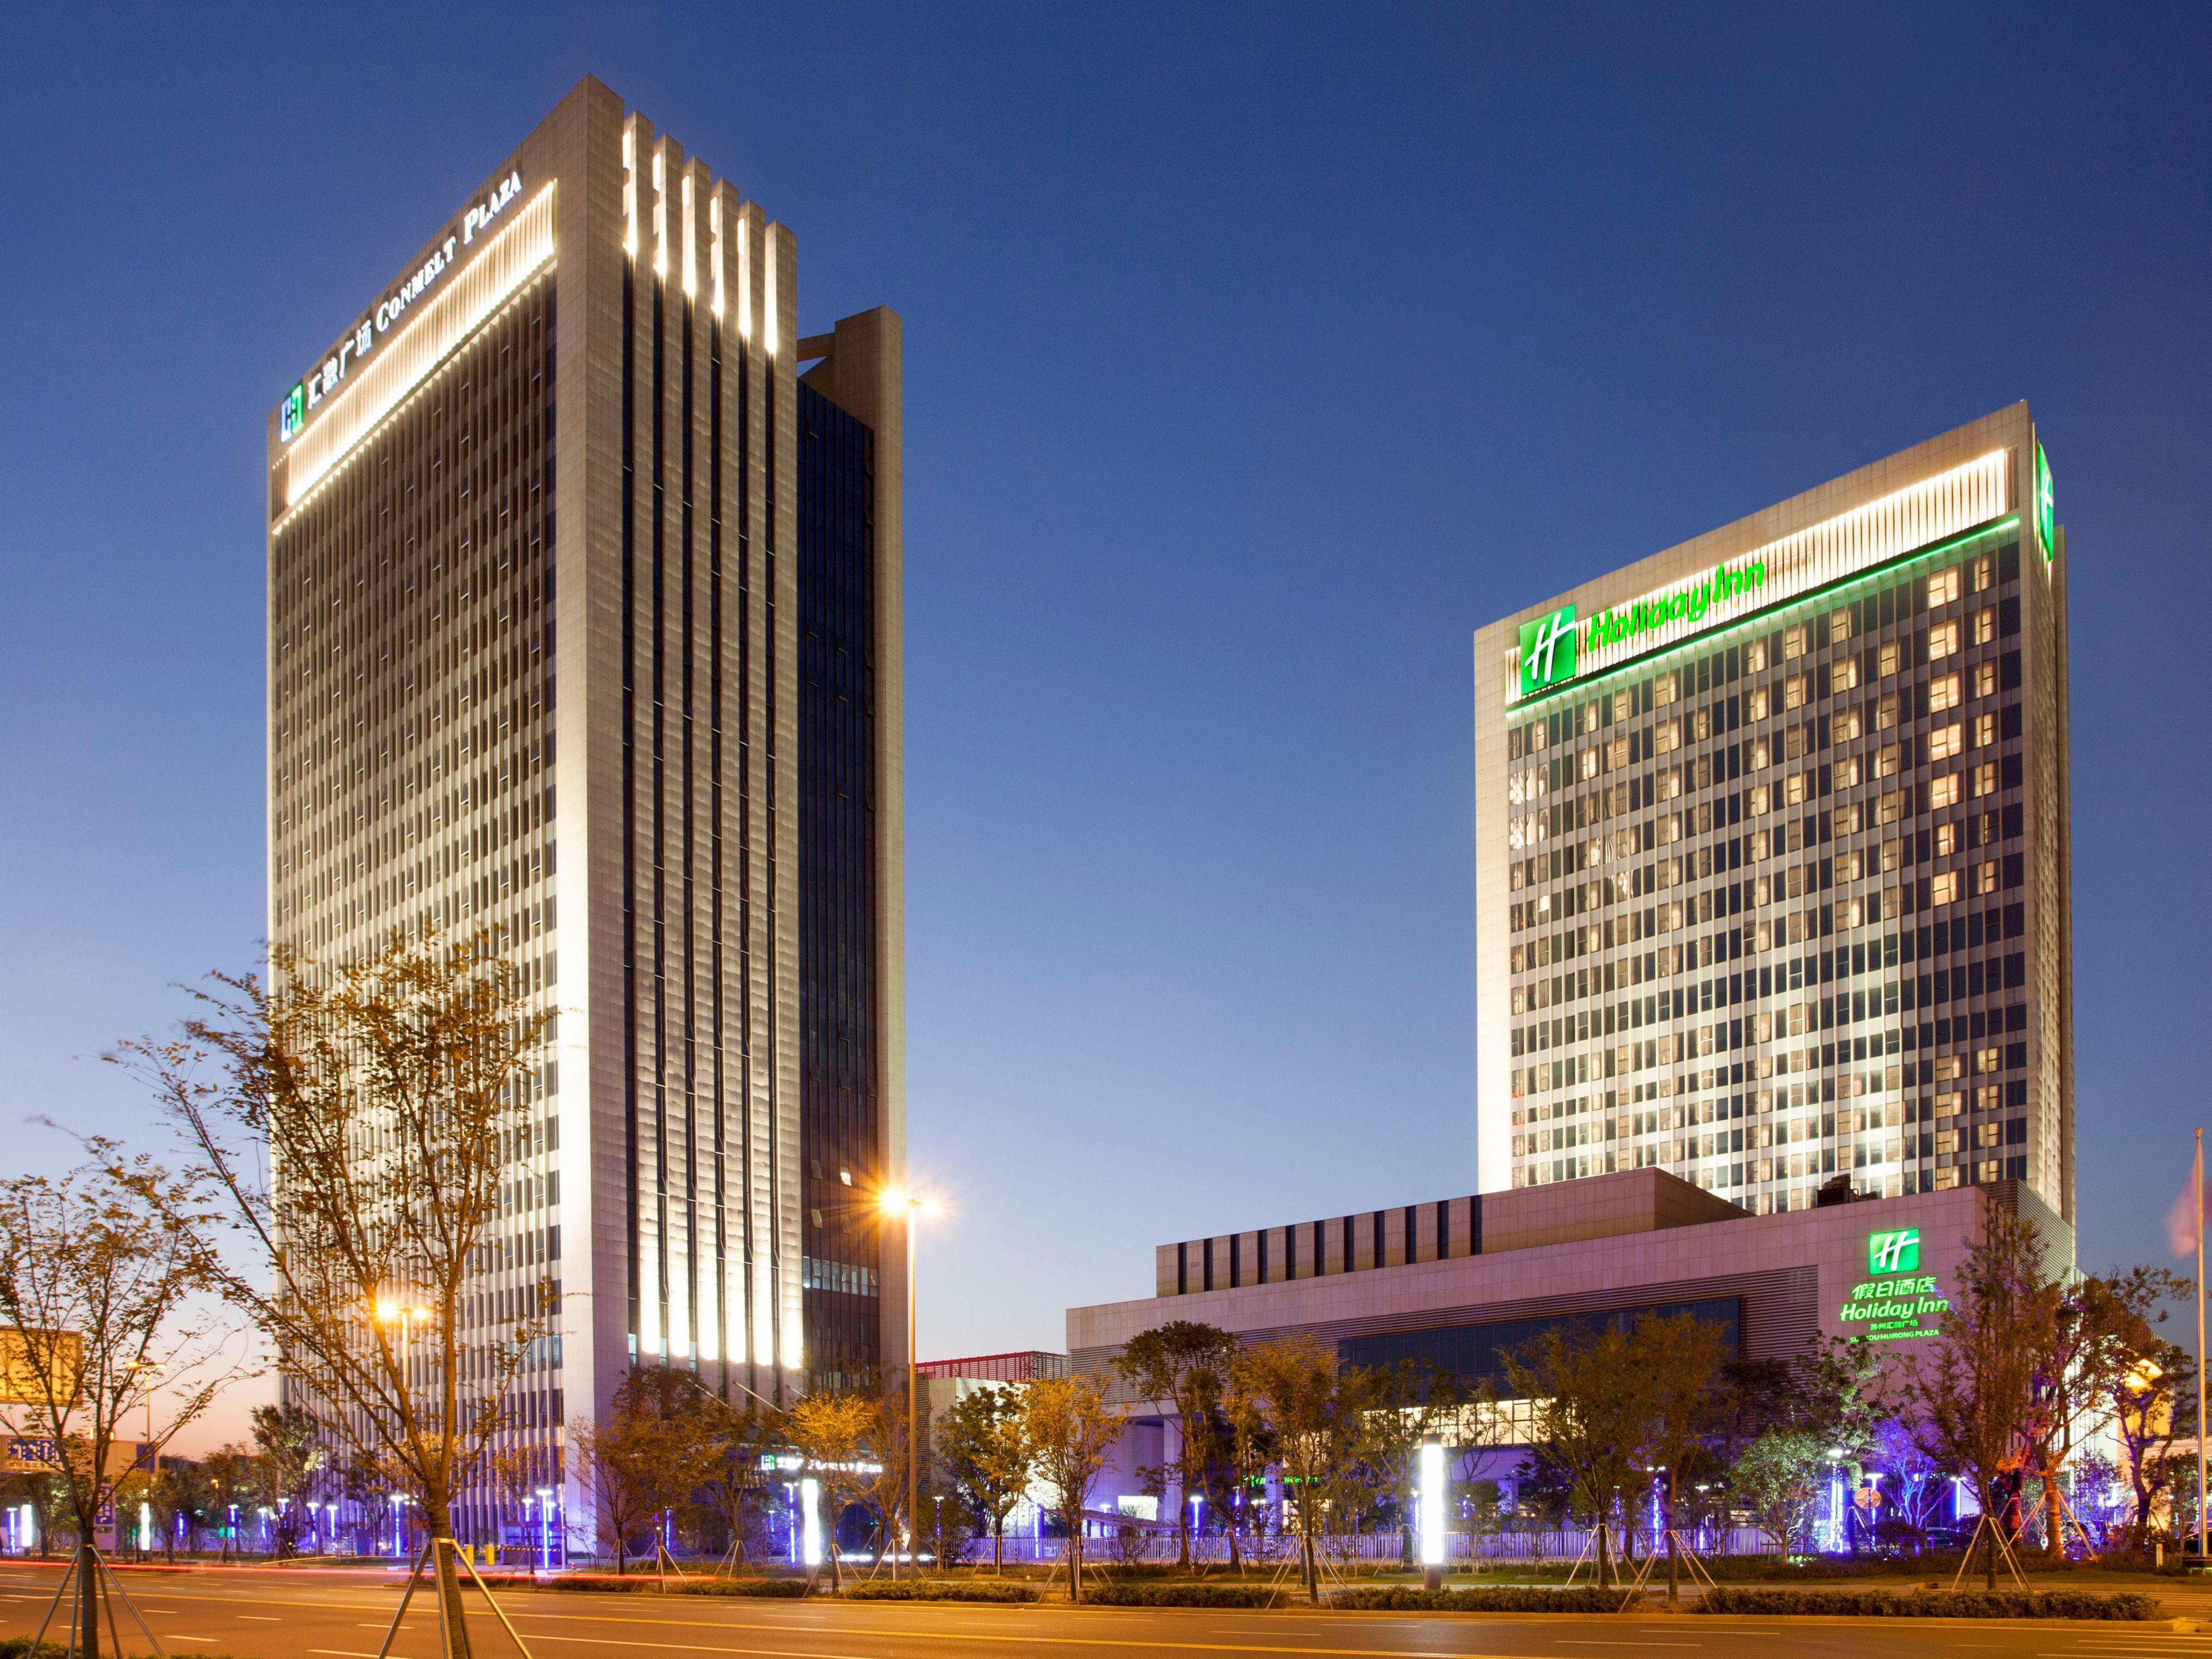 苏州汇融广场_Holiday Inn 苏州汇融广场假日酒店 洲际旗下酒店